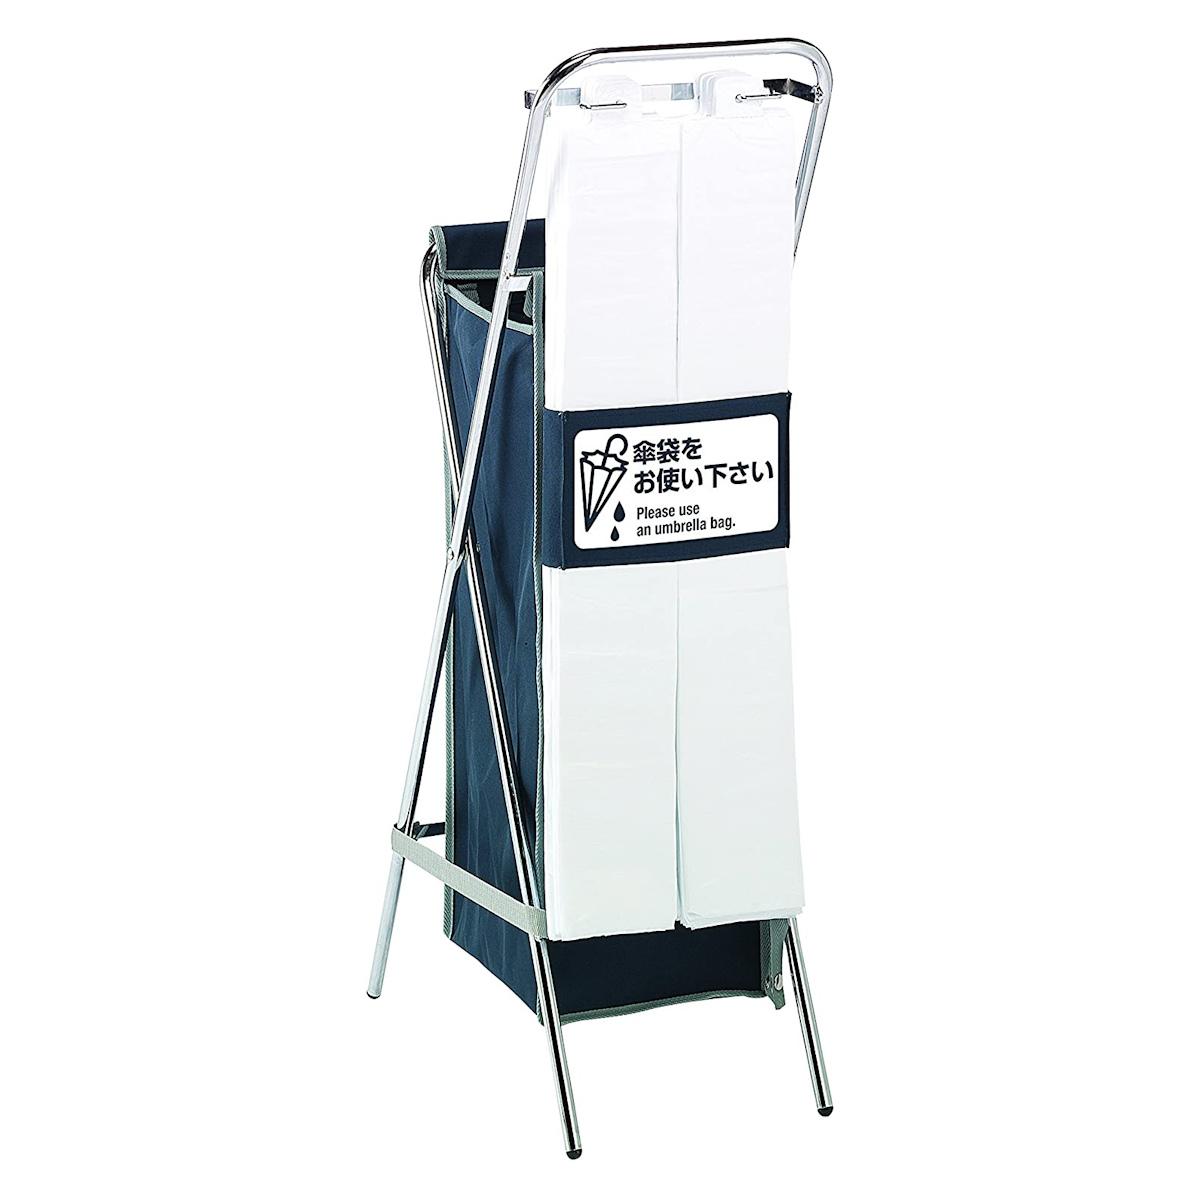 傘袋スタンド 折りたたみ式 ( 送料無料 傘袋入れ 傘袋ホルダー ) 【5000円以上送料無料】